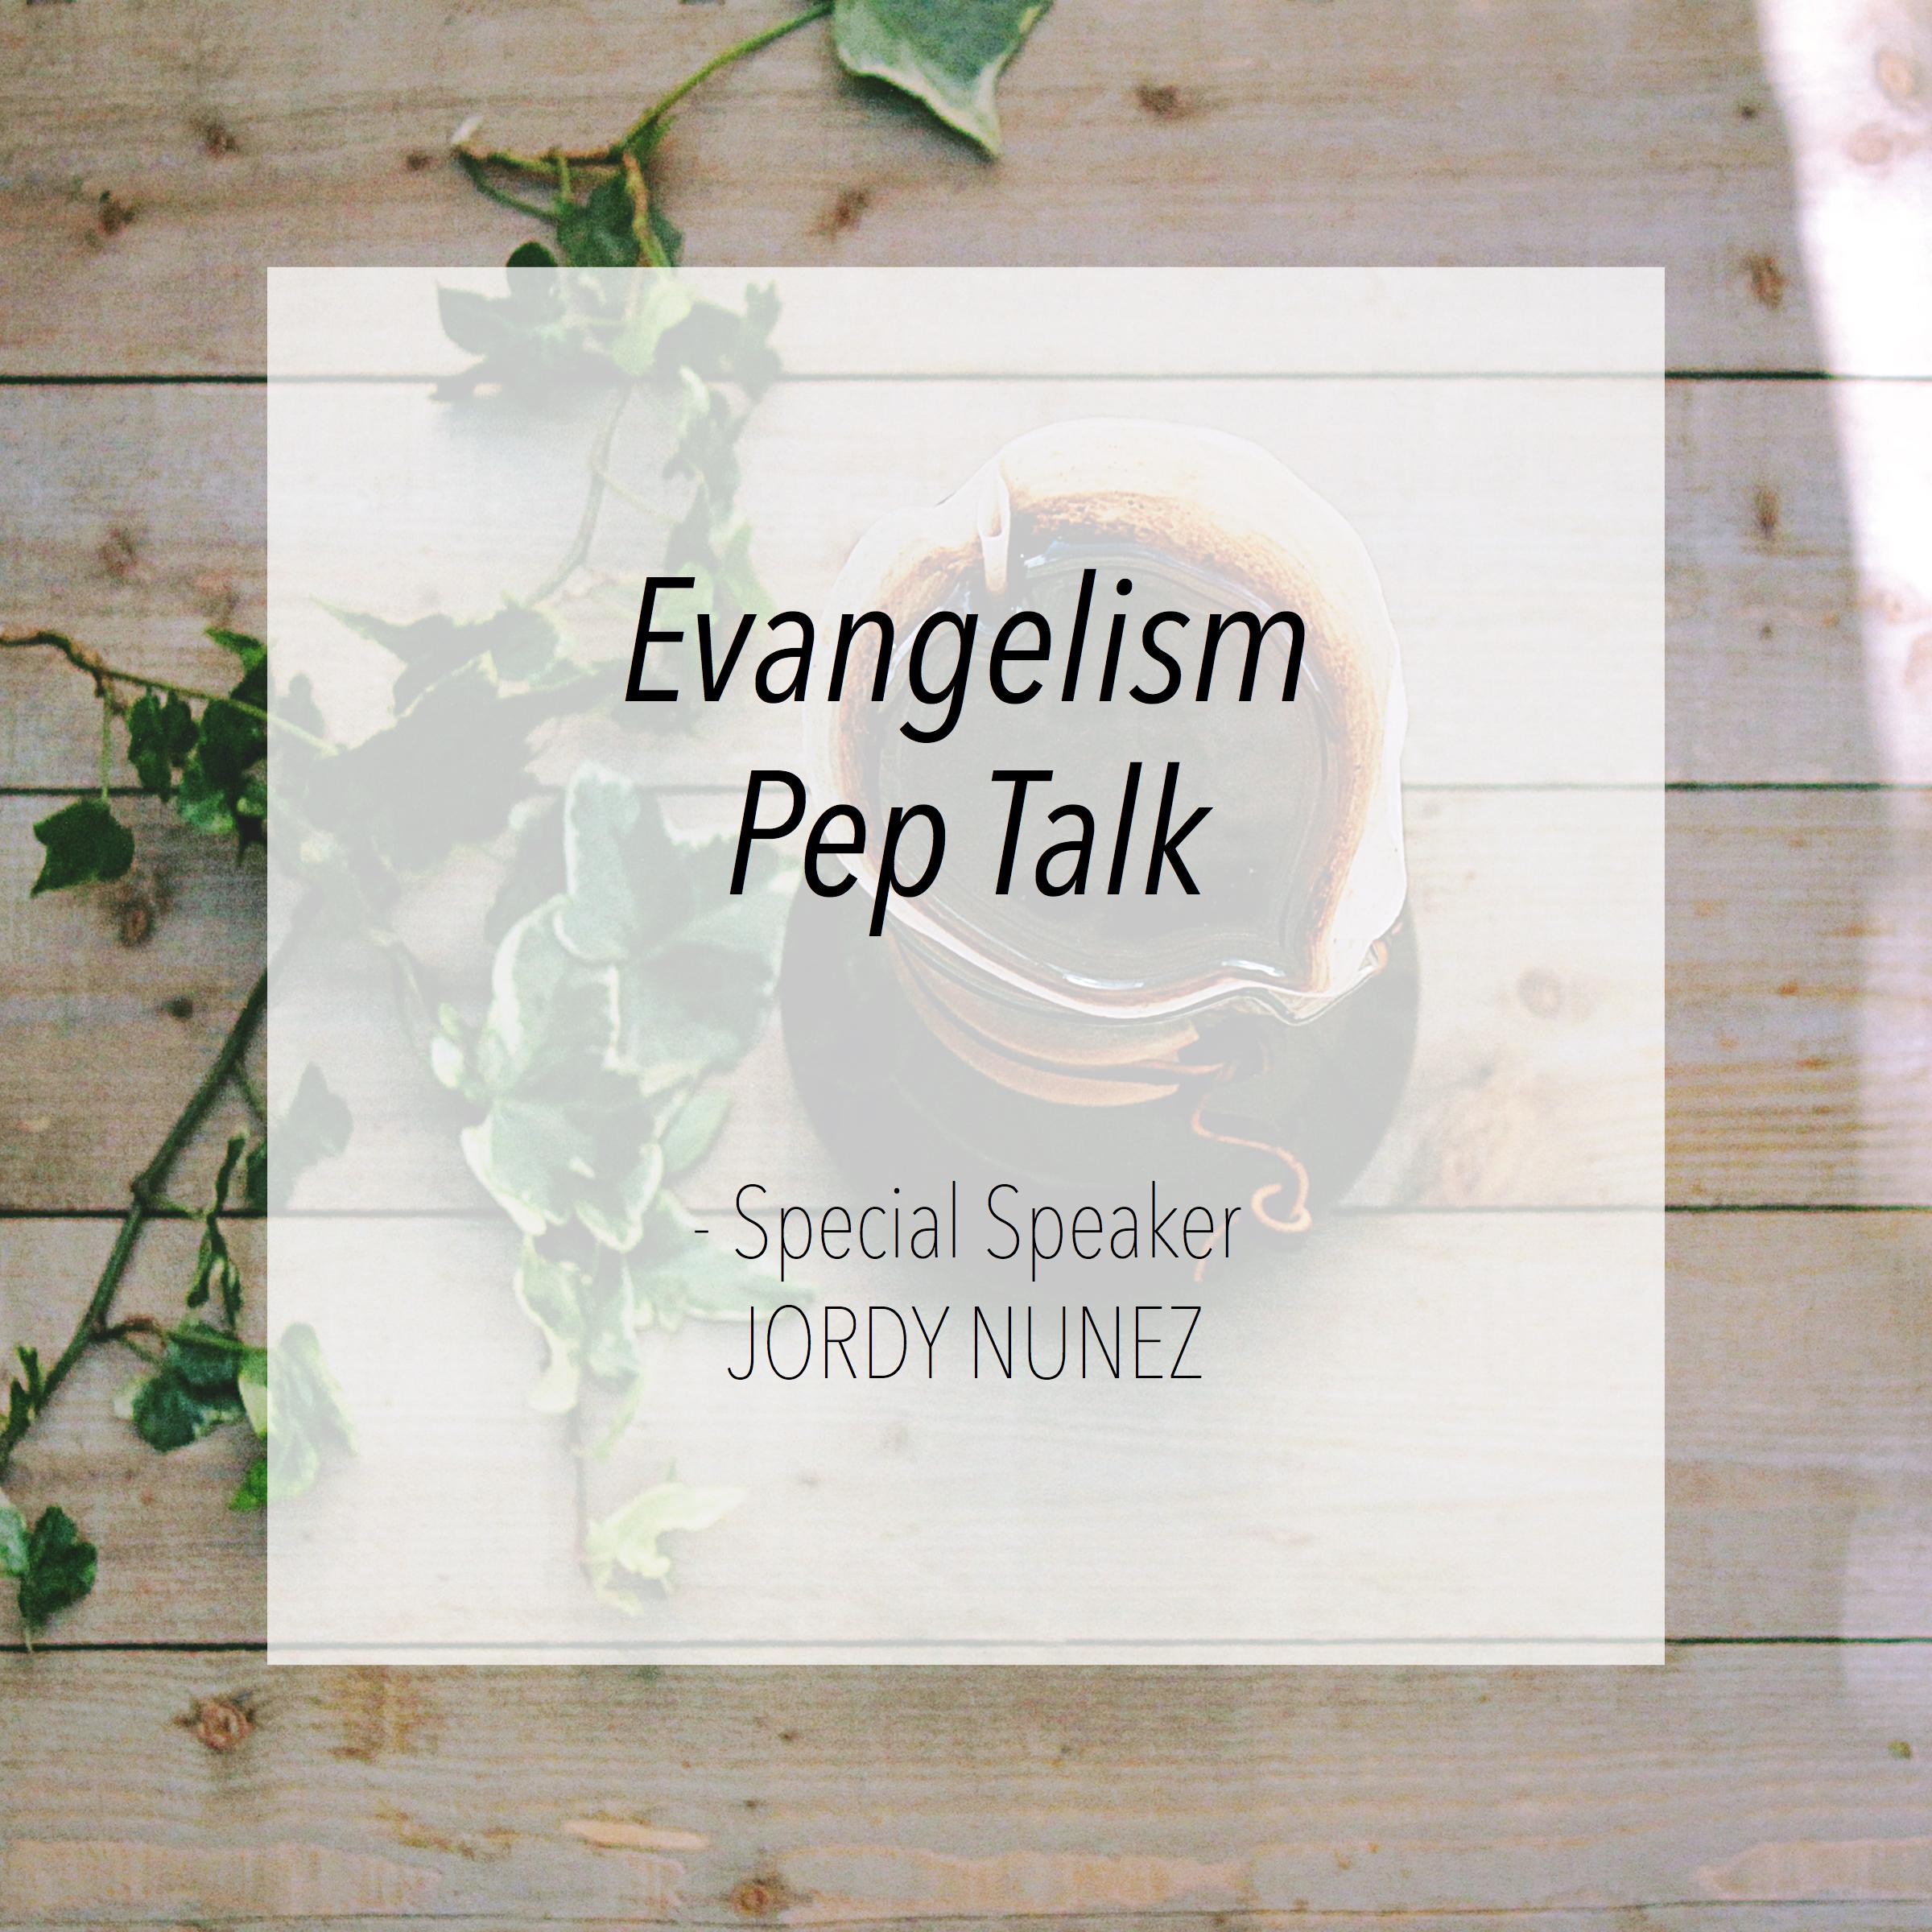 Evangelism Pep Talk.jpg